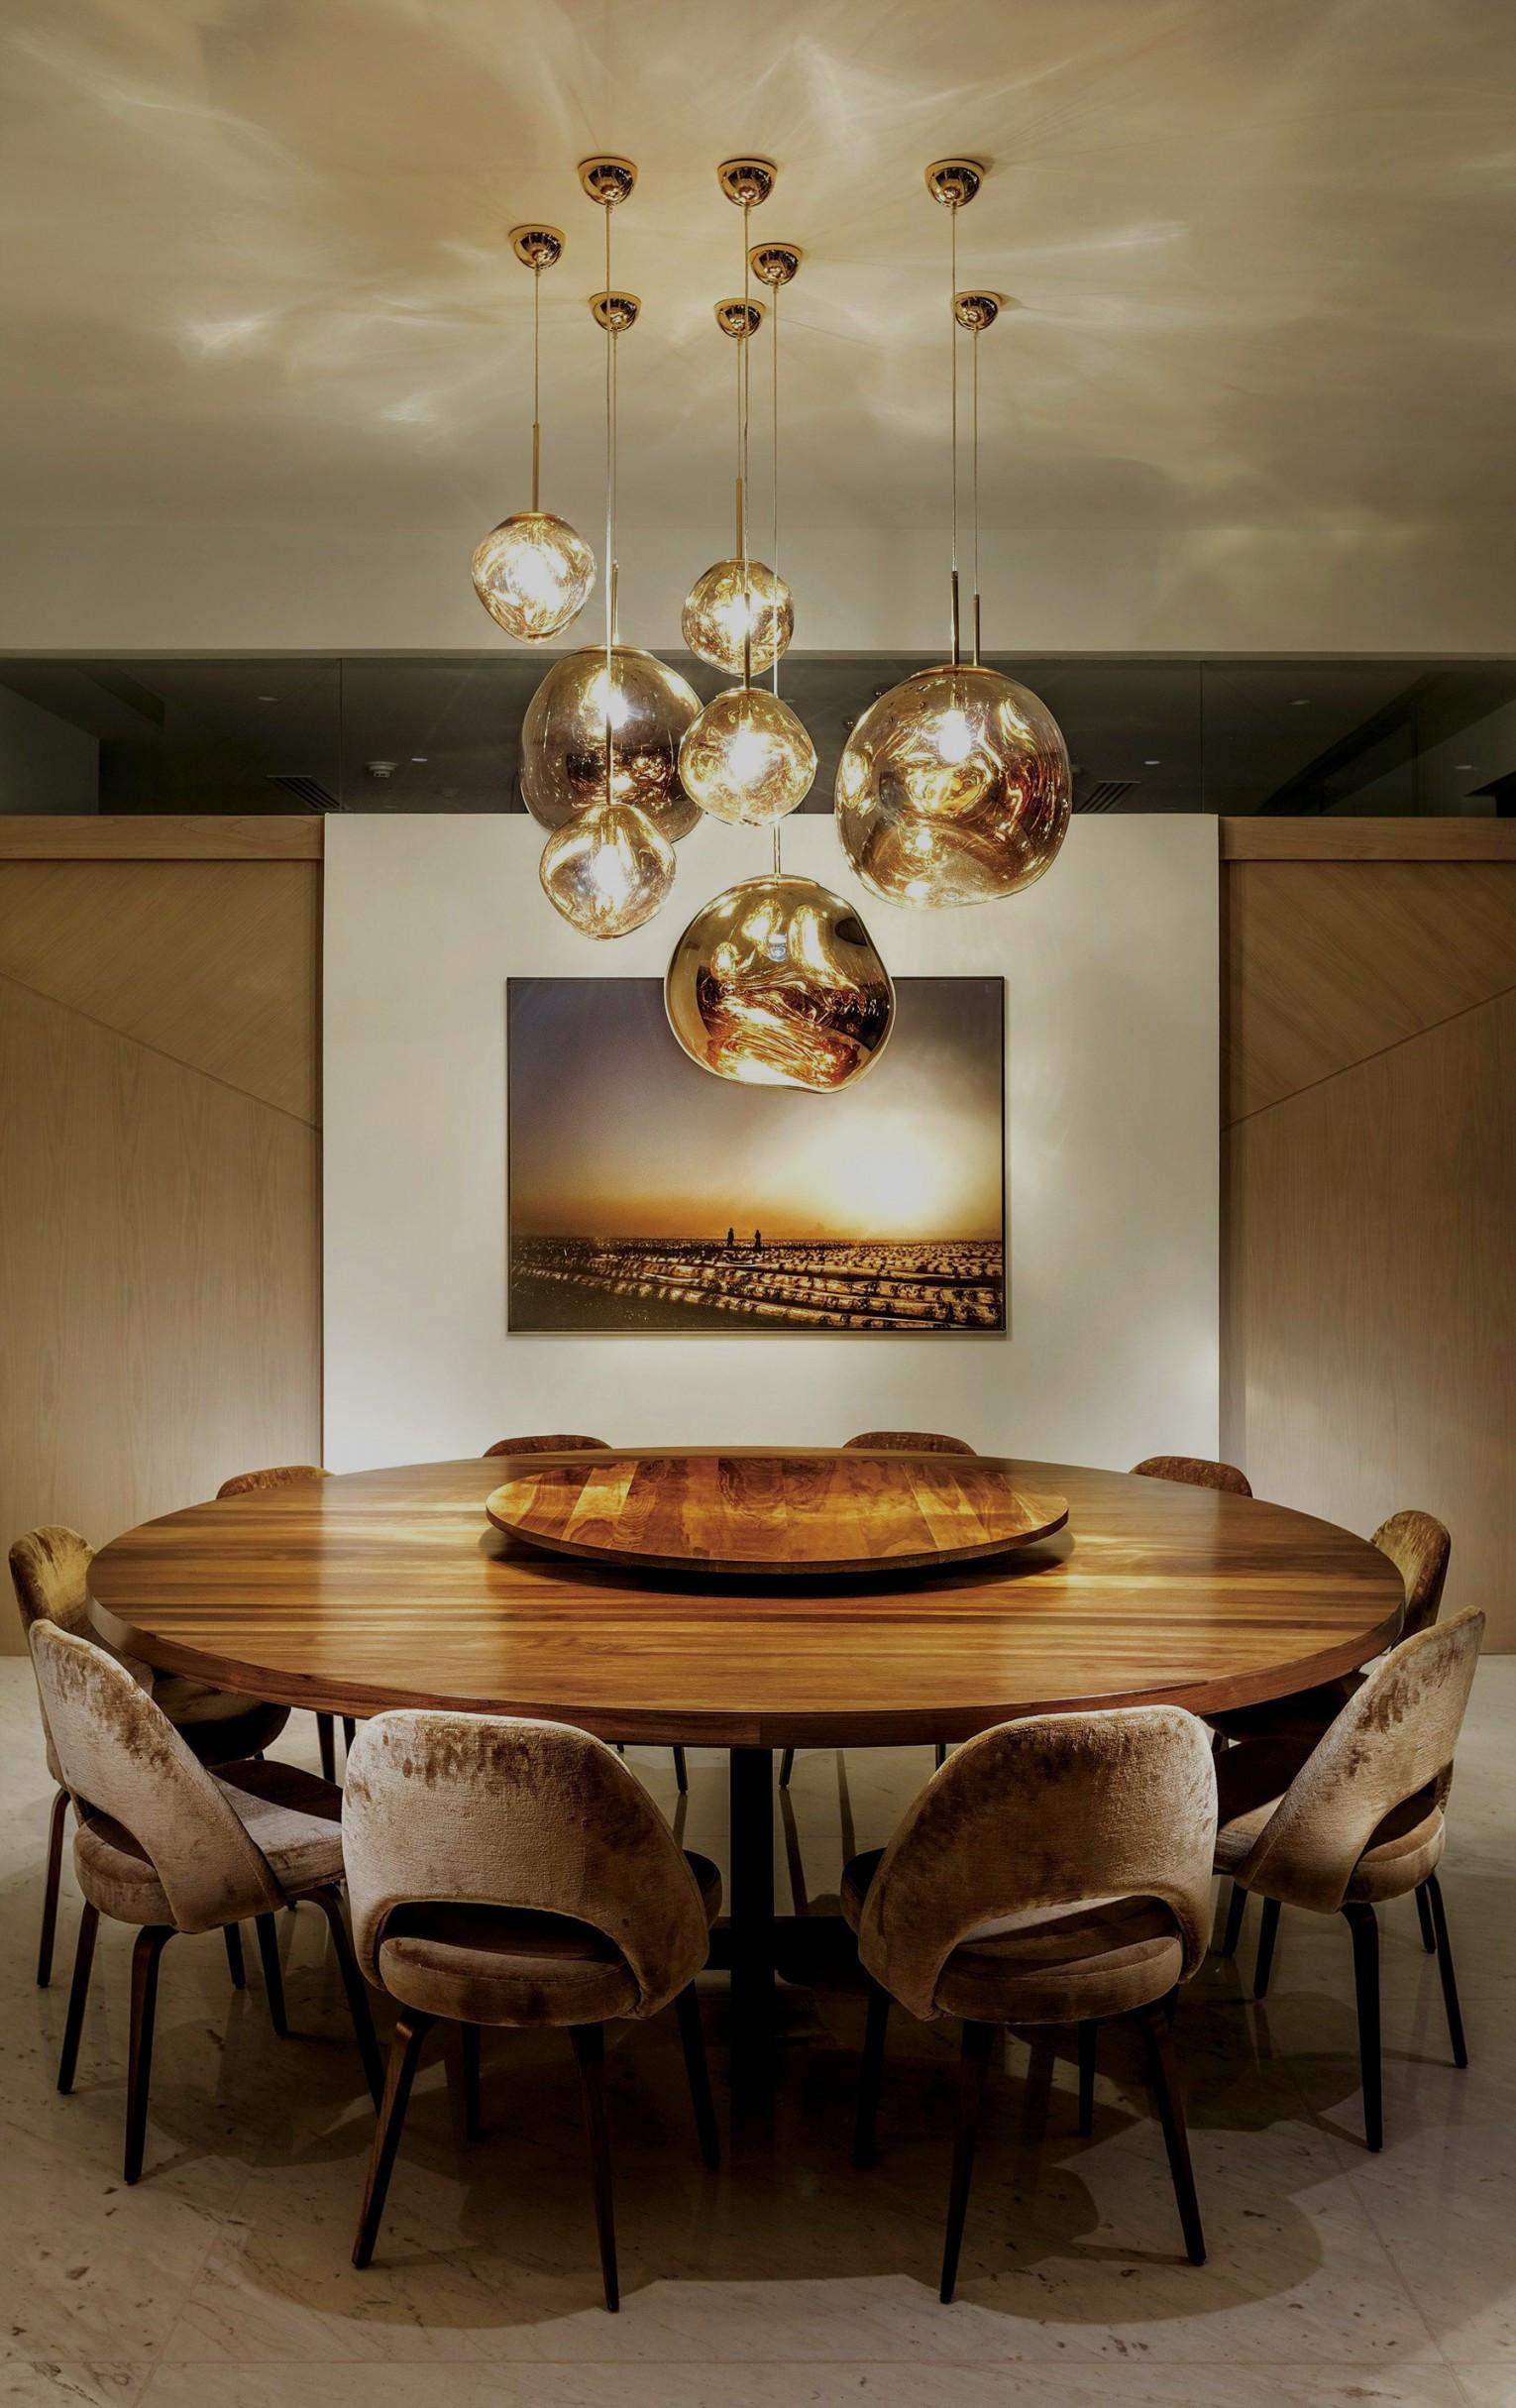 costco hardwood floor installation of home design lighting fresh costco 18 light chandelier inspirational within home design lighting fresh costco 18 light chandelier inspirational lighting lighting 0d